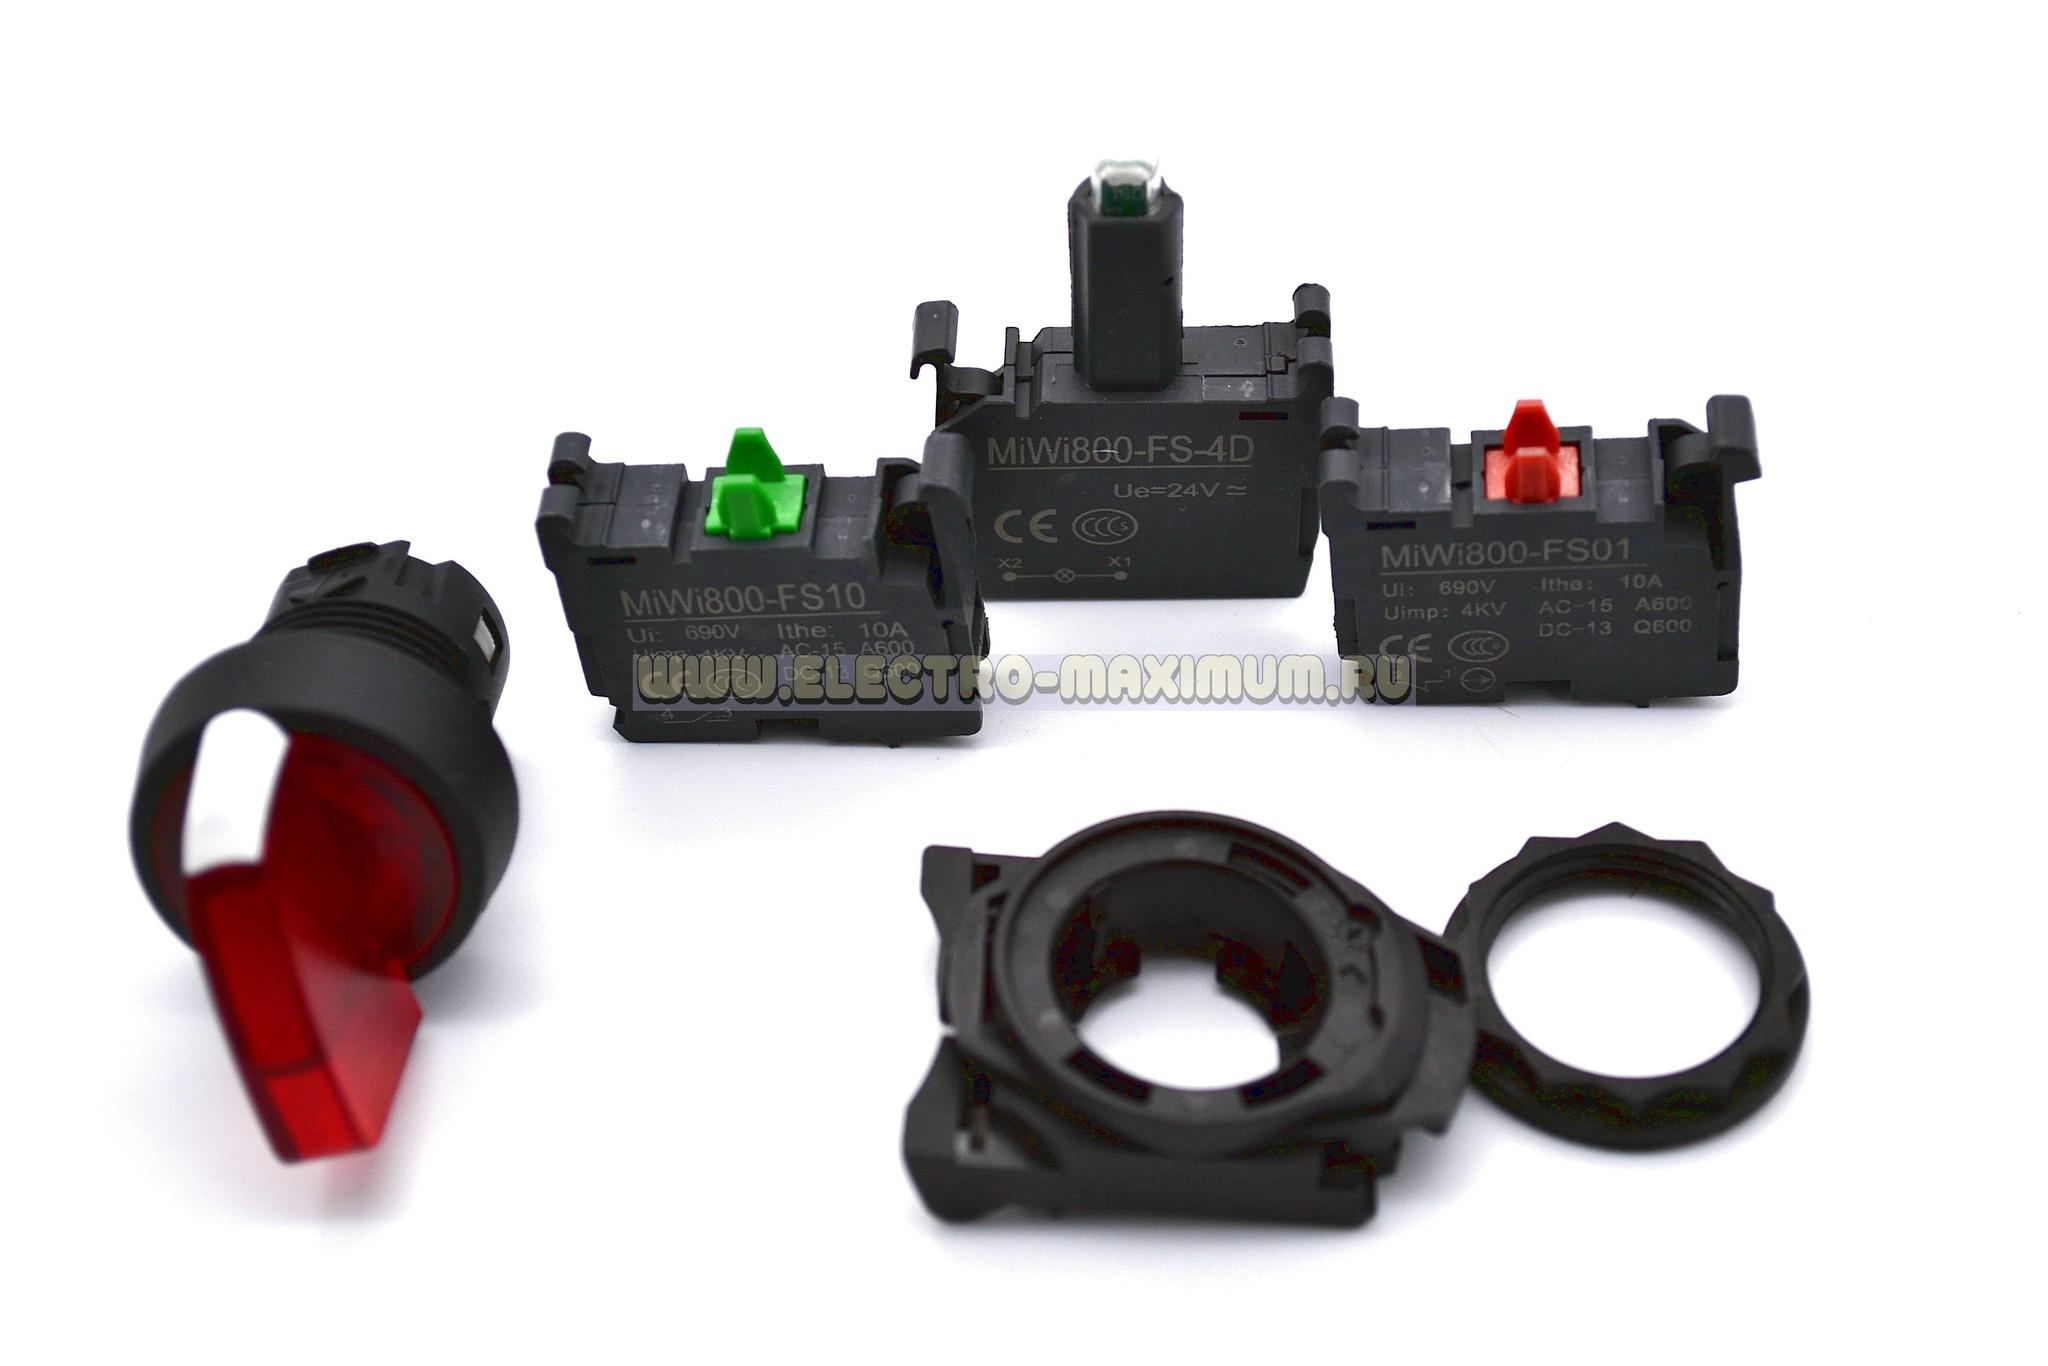 MIWI800-FS10 MIWI800-FS01